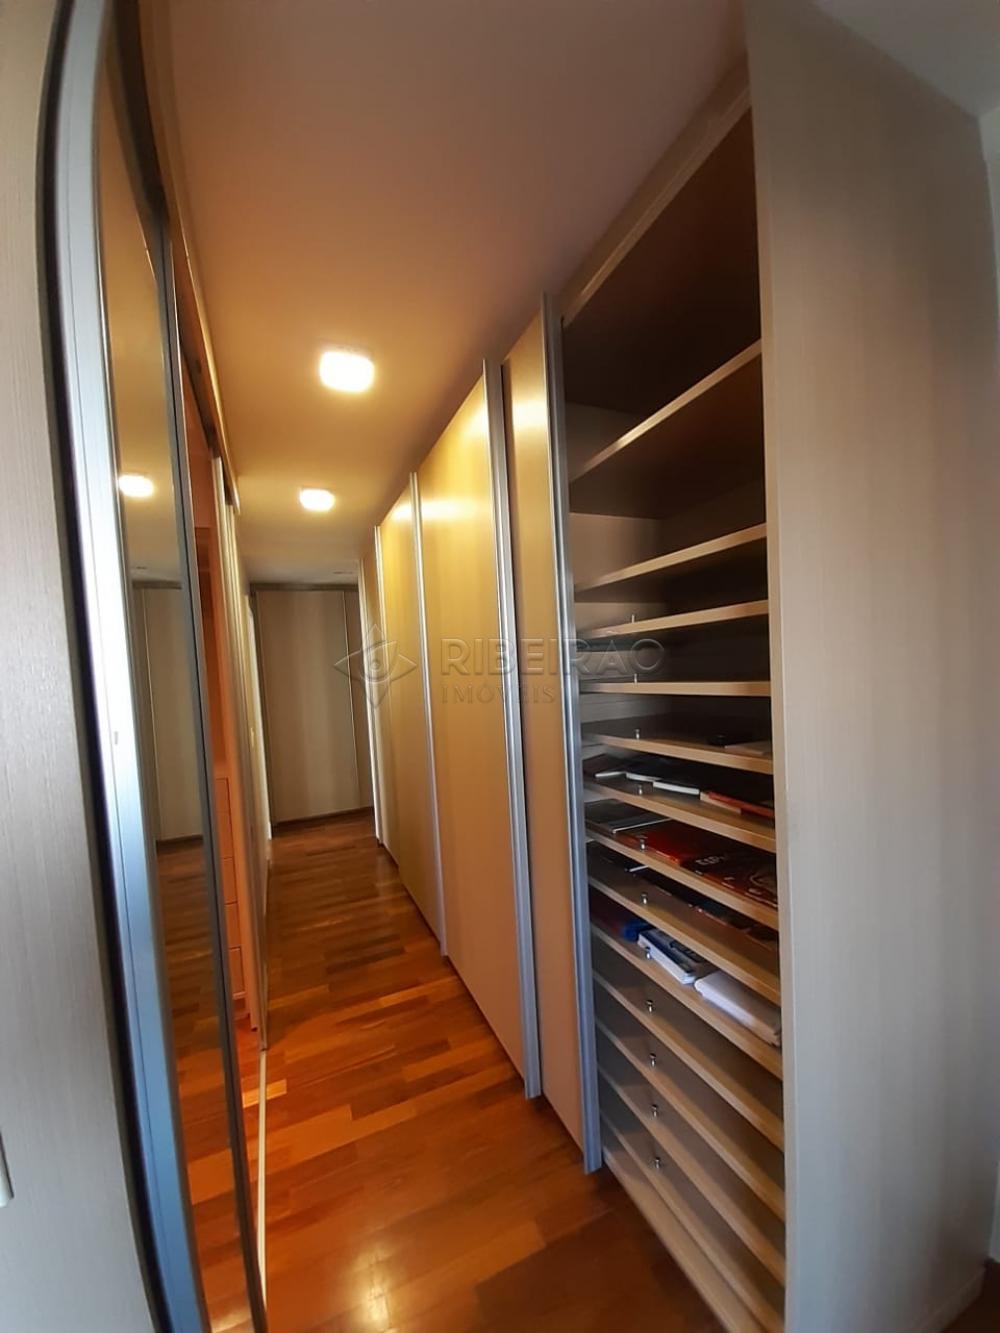 Comprar Apartamento / Padrão em Ribeirão Preto apenas R$ 1.400.000,00 - Foto 22